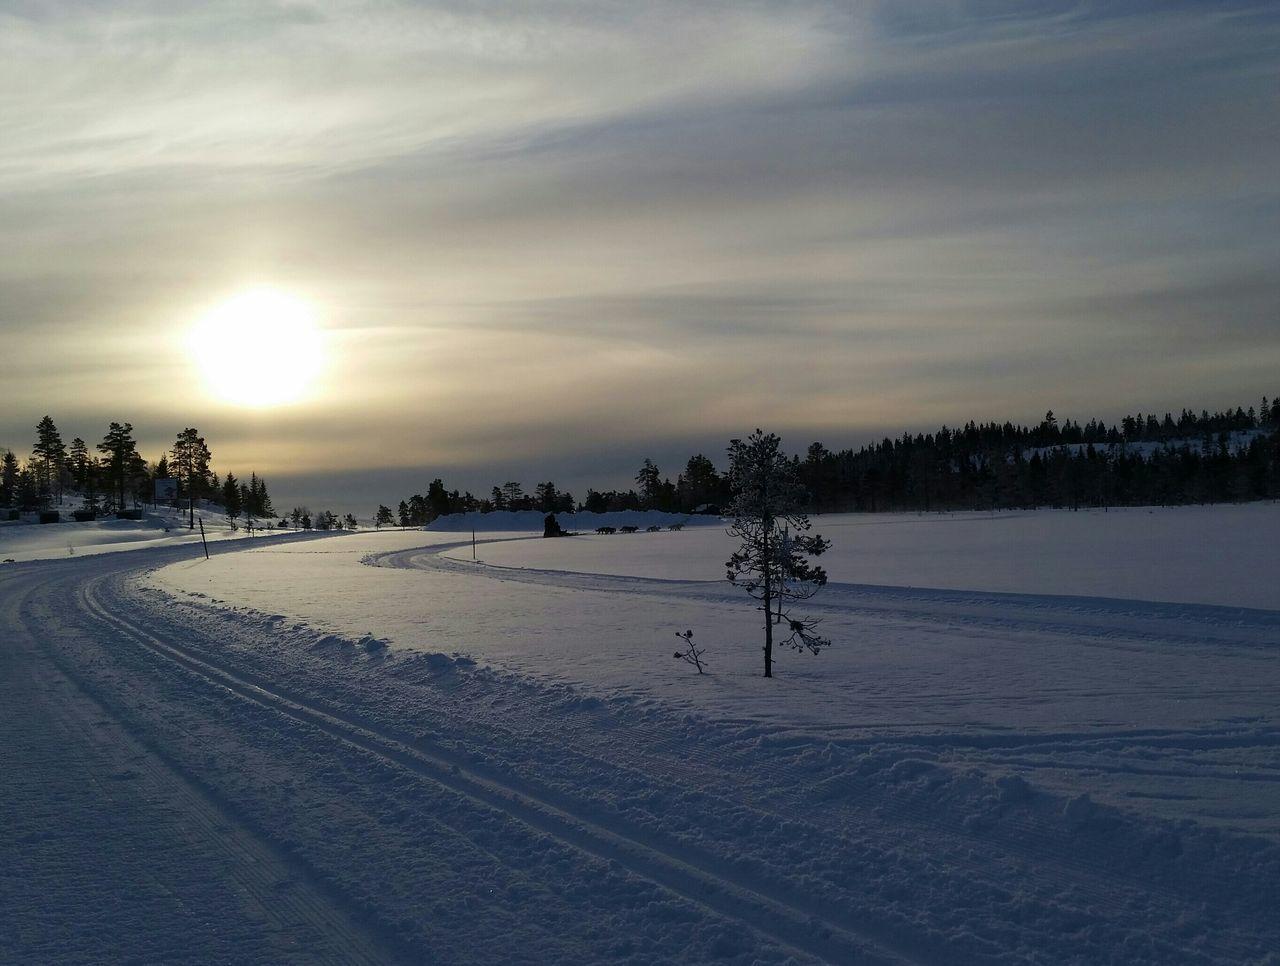 Ski Tracks In Field